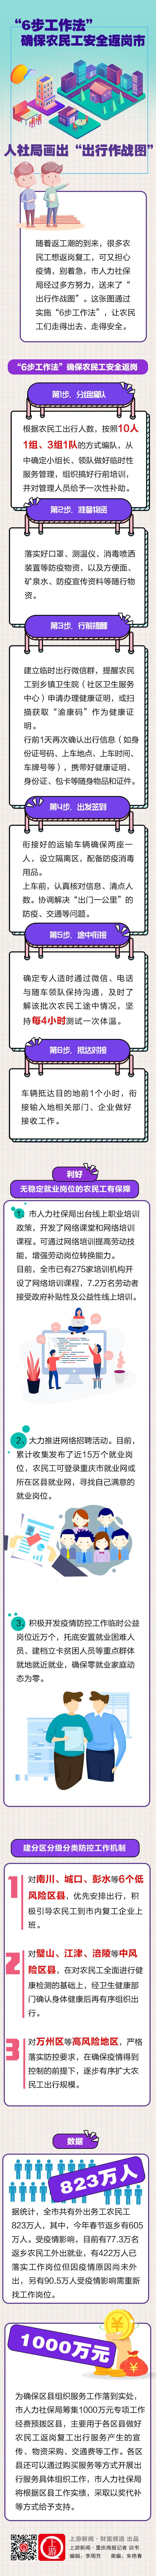 """""""6步工作法""""确保农民工安全返岗,市人社局画出""""出行作战图"""".jpg"""